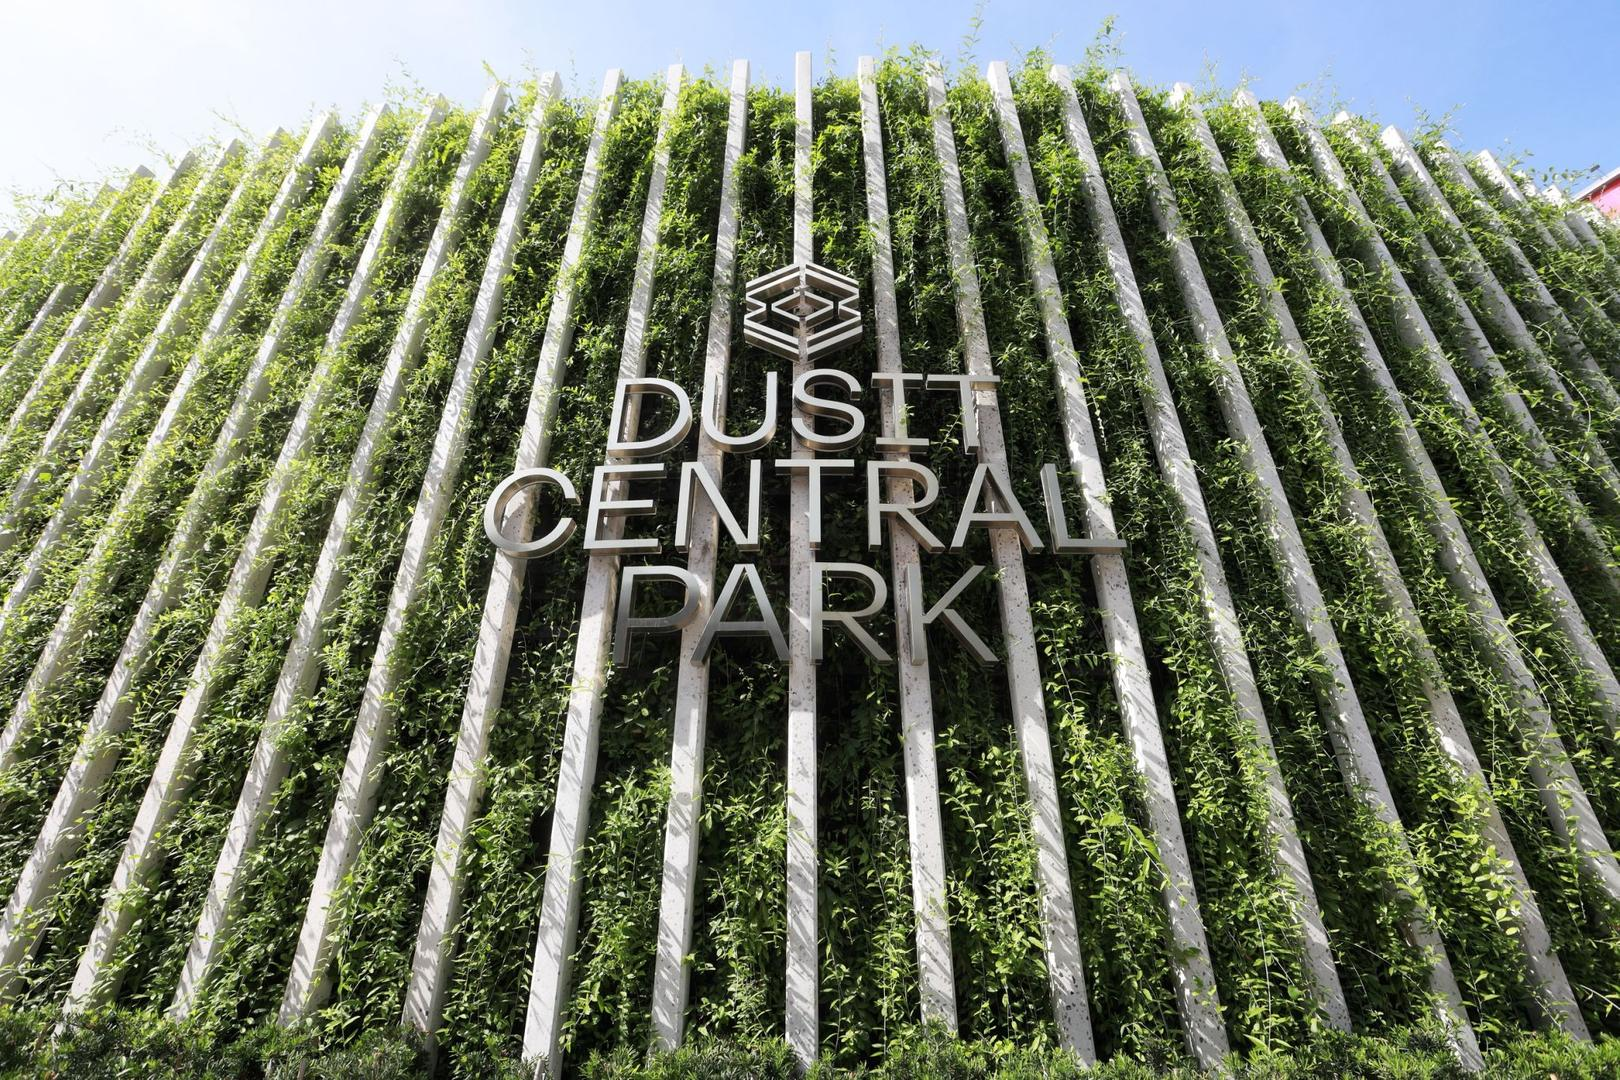 Dusit Central Park